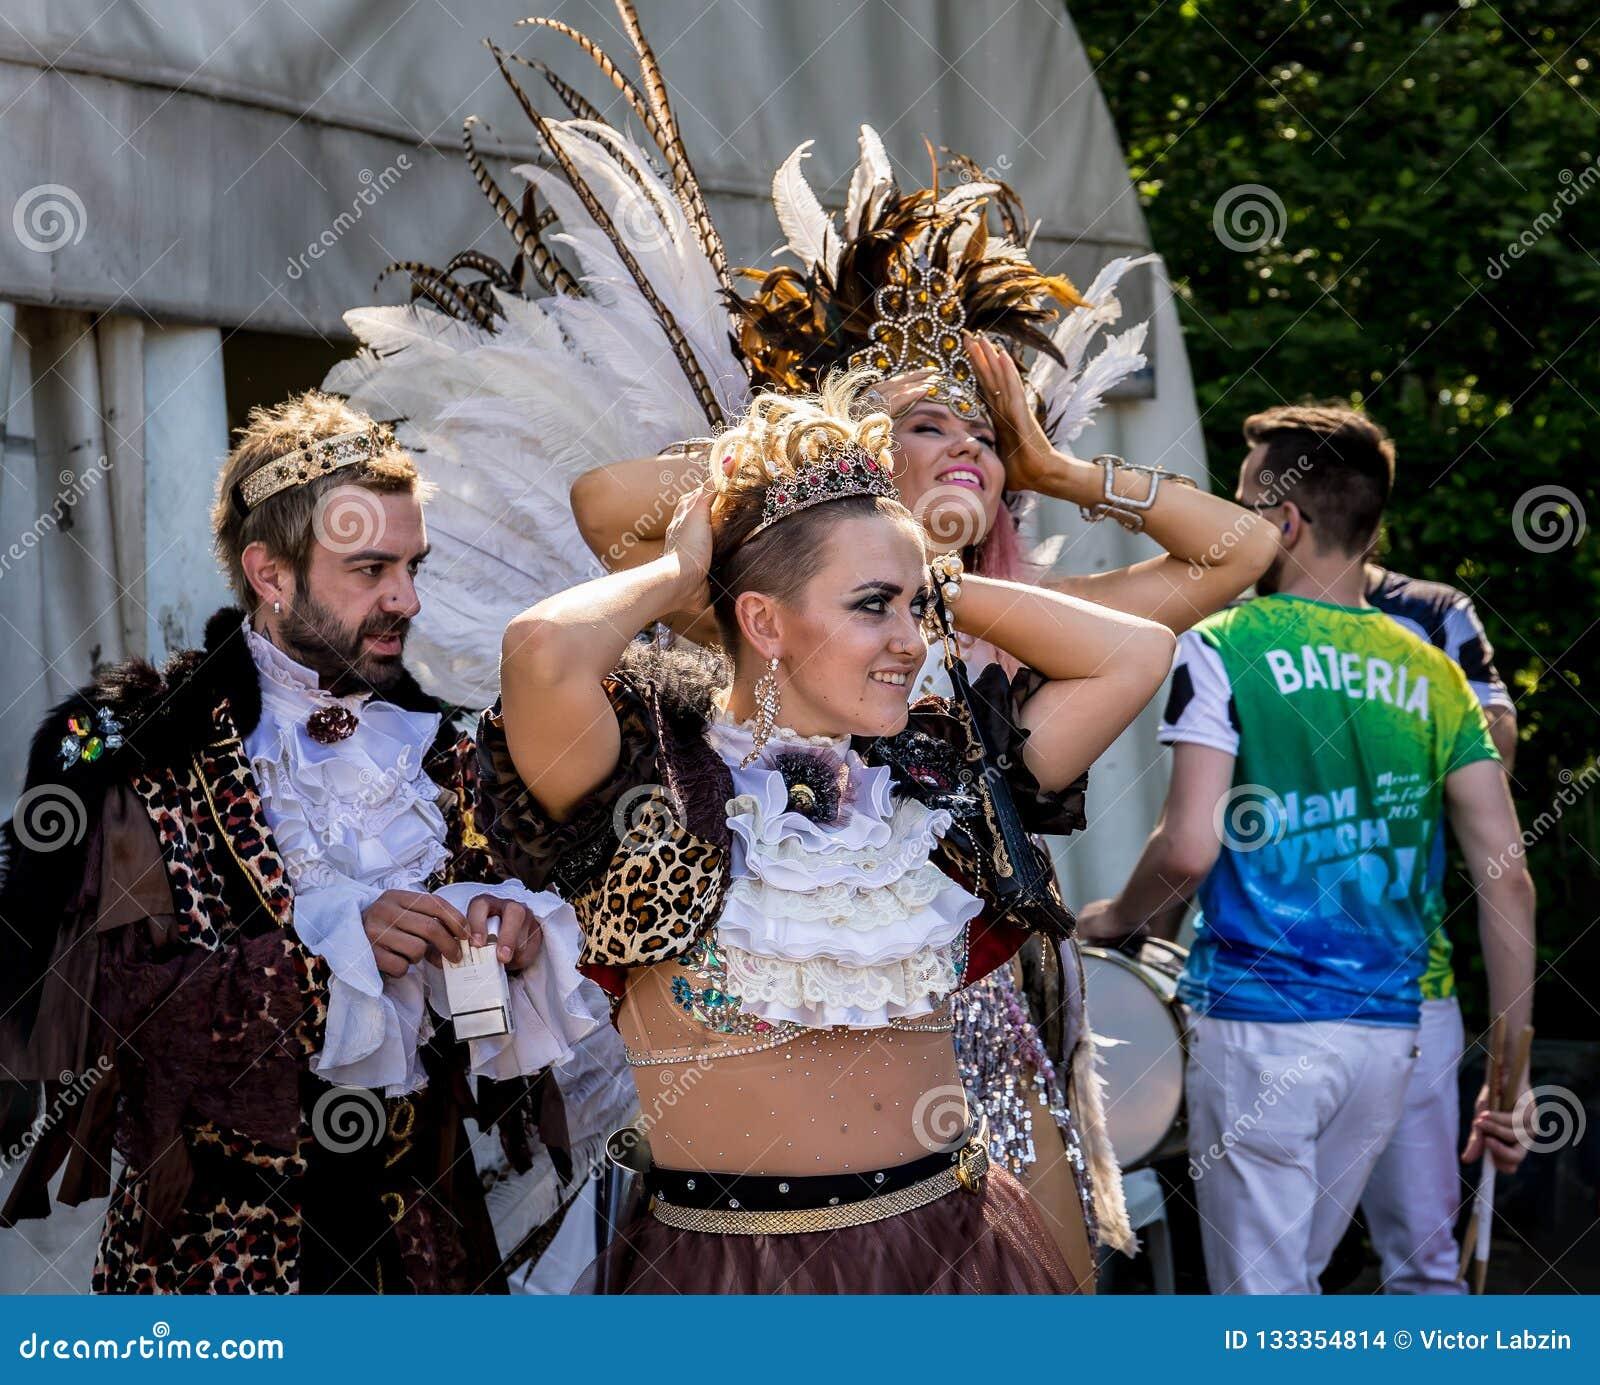 Moscou, parc d Izmailovsky, peut 27, 2018 : deux belles filles et un jeune homme attendant le carnaval brésilien